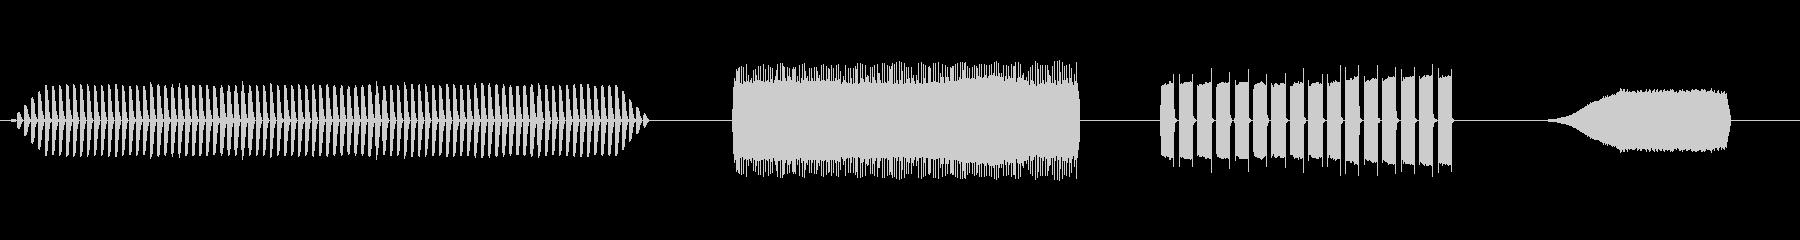 空間電子ビープ音、電子アラーム、高...の未再生の波形